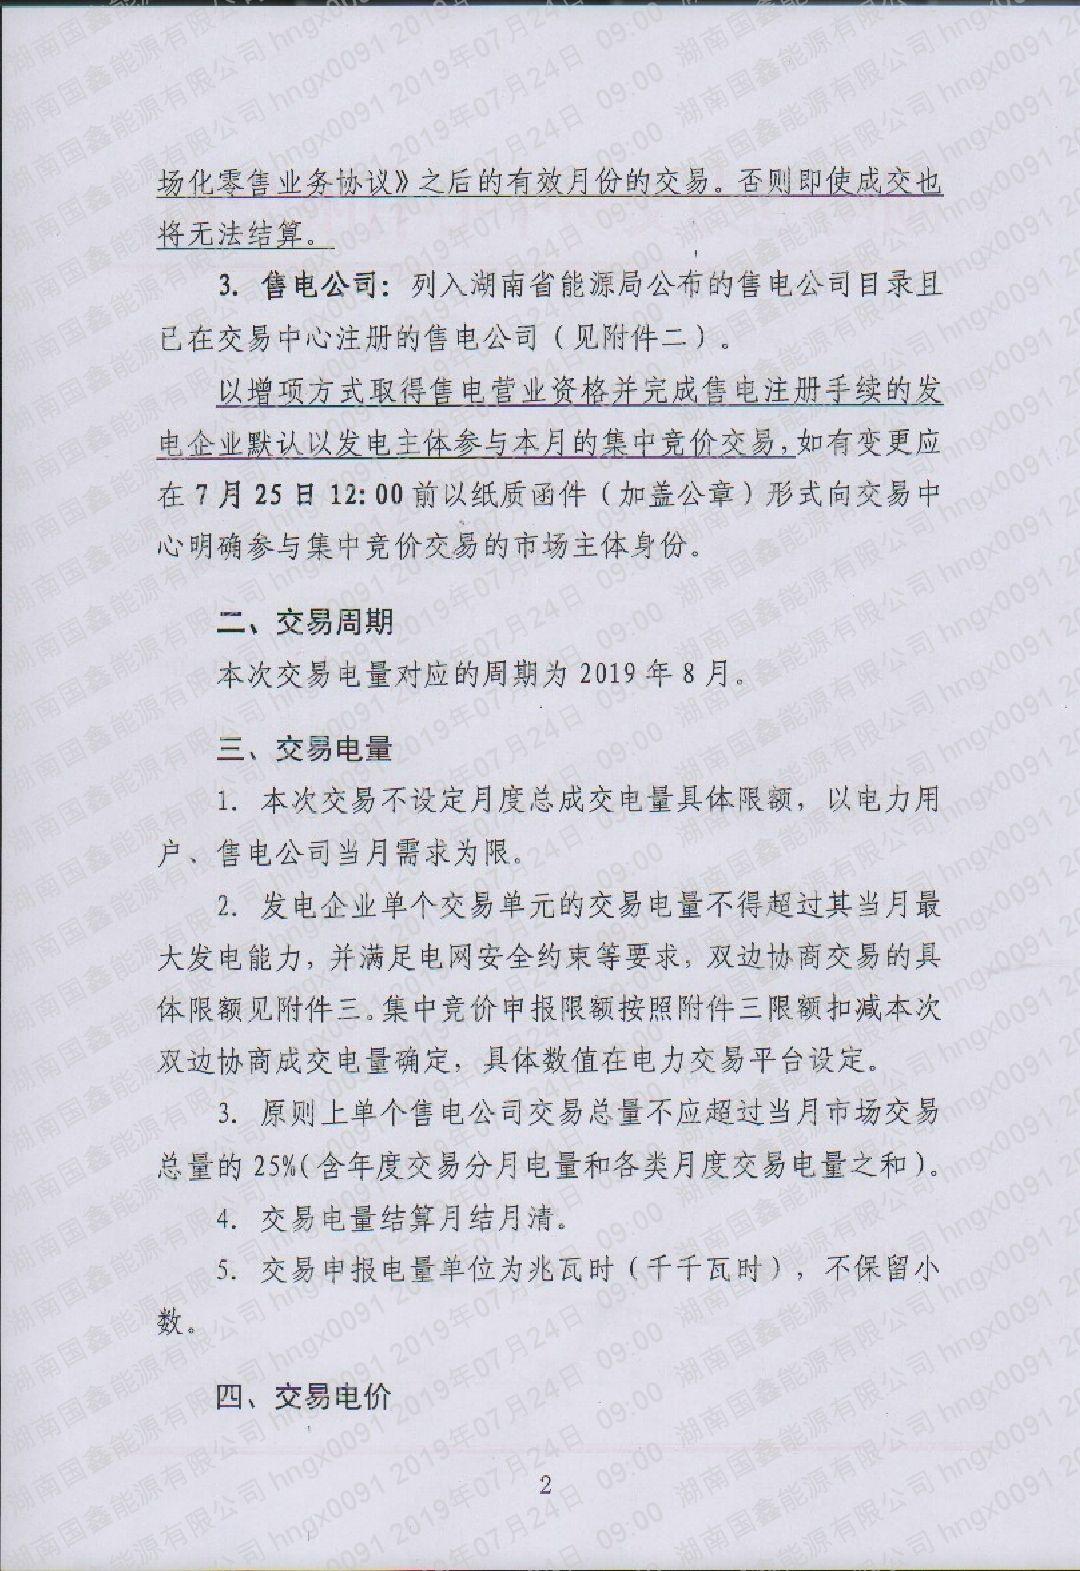 2019年8月湖南電力市場交易的公告(2019年16號).pdf_page_2_compressed.jpg